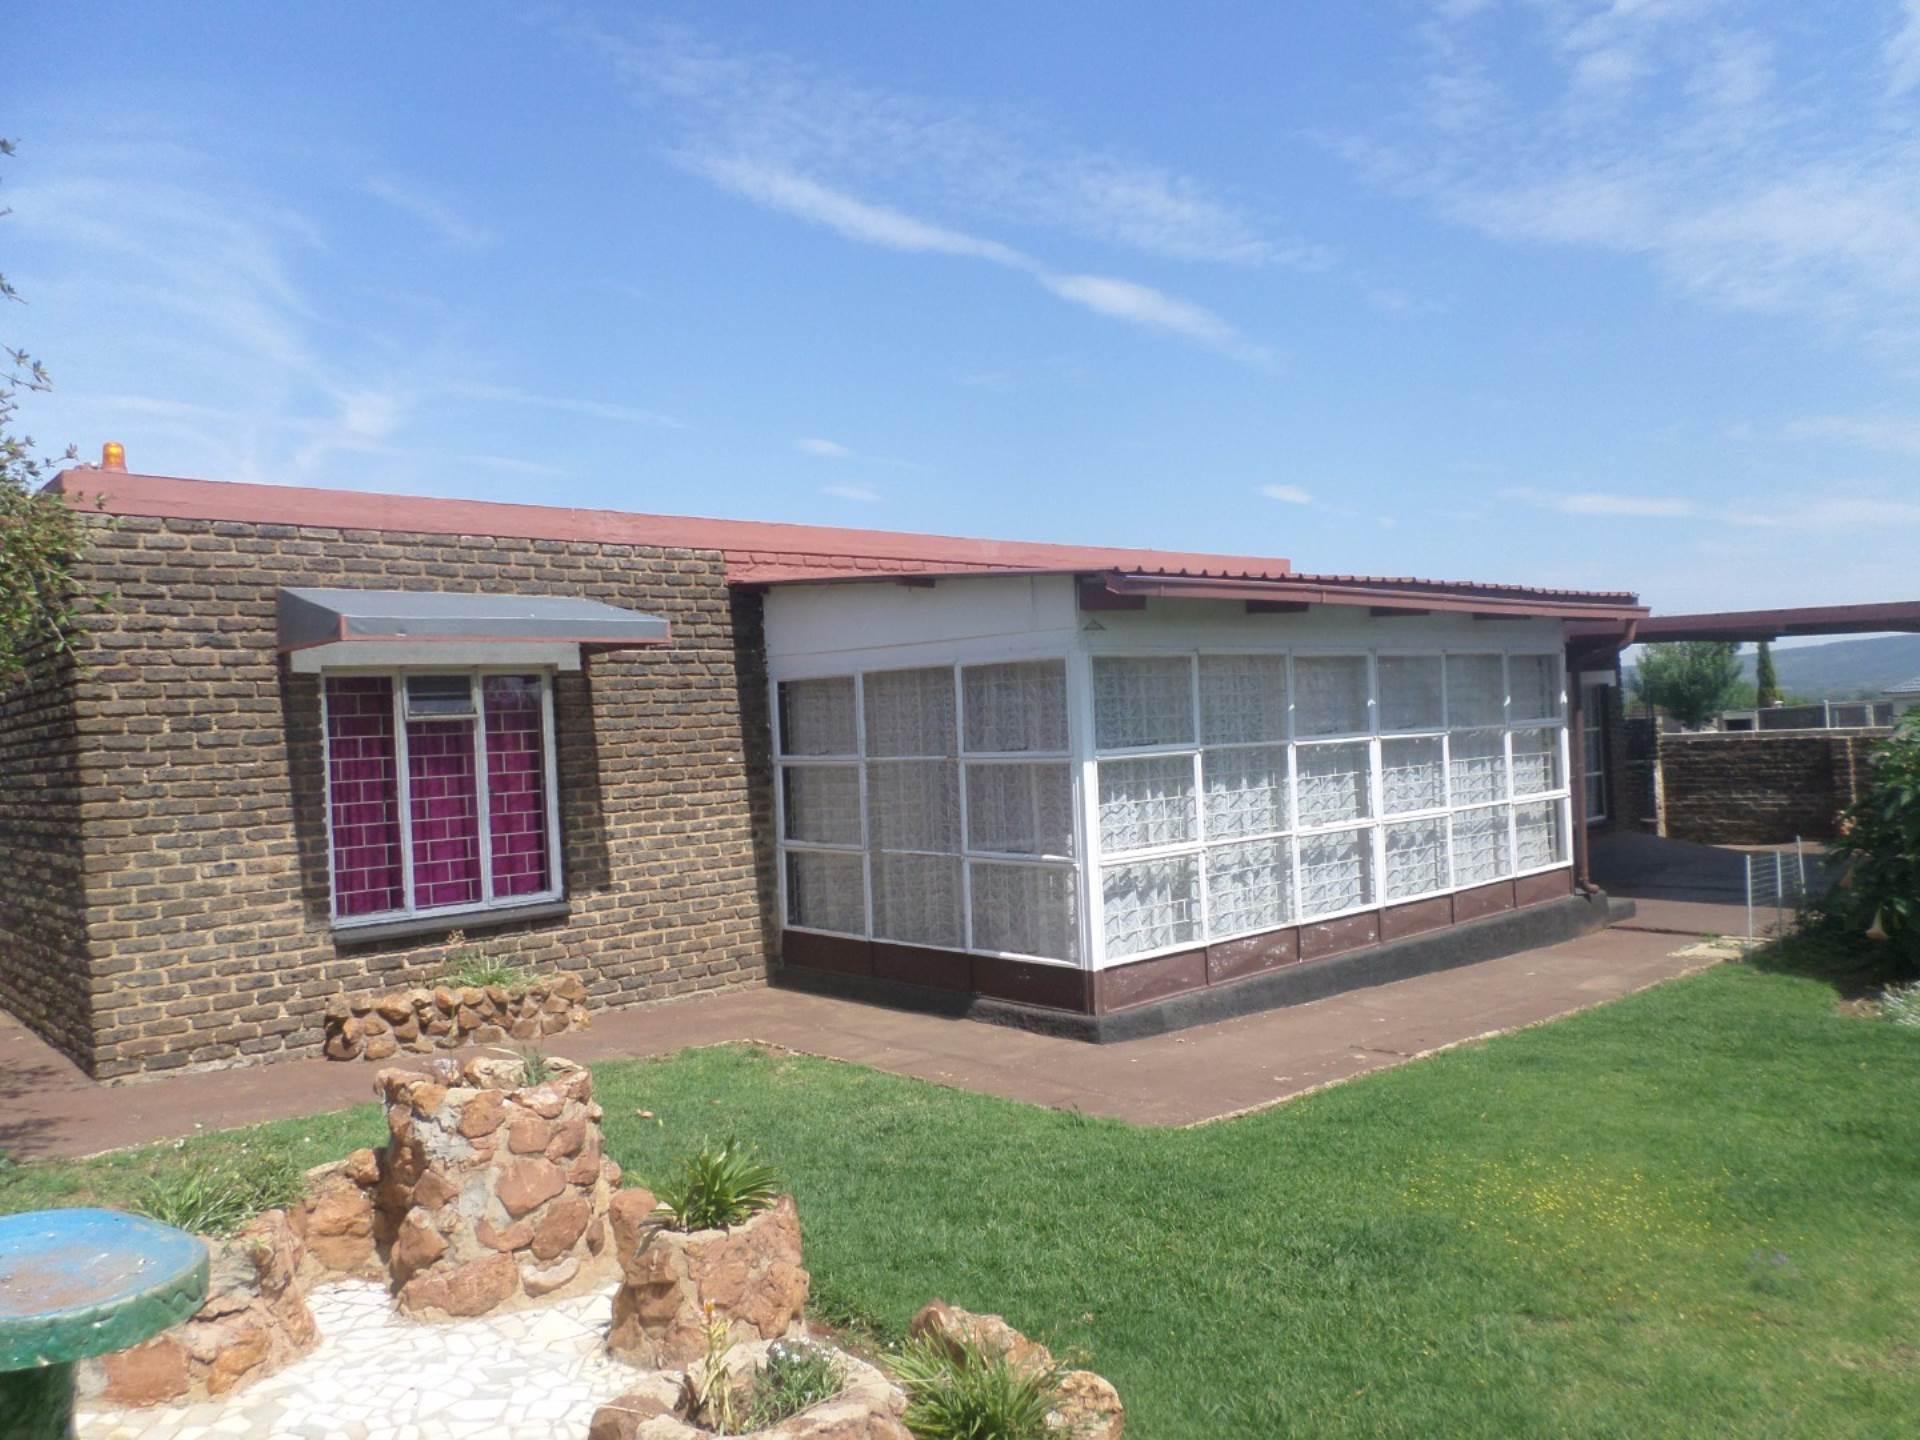 2 BedroomHouse For Sale In Vaaloewer